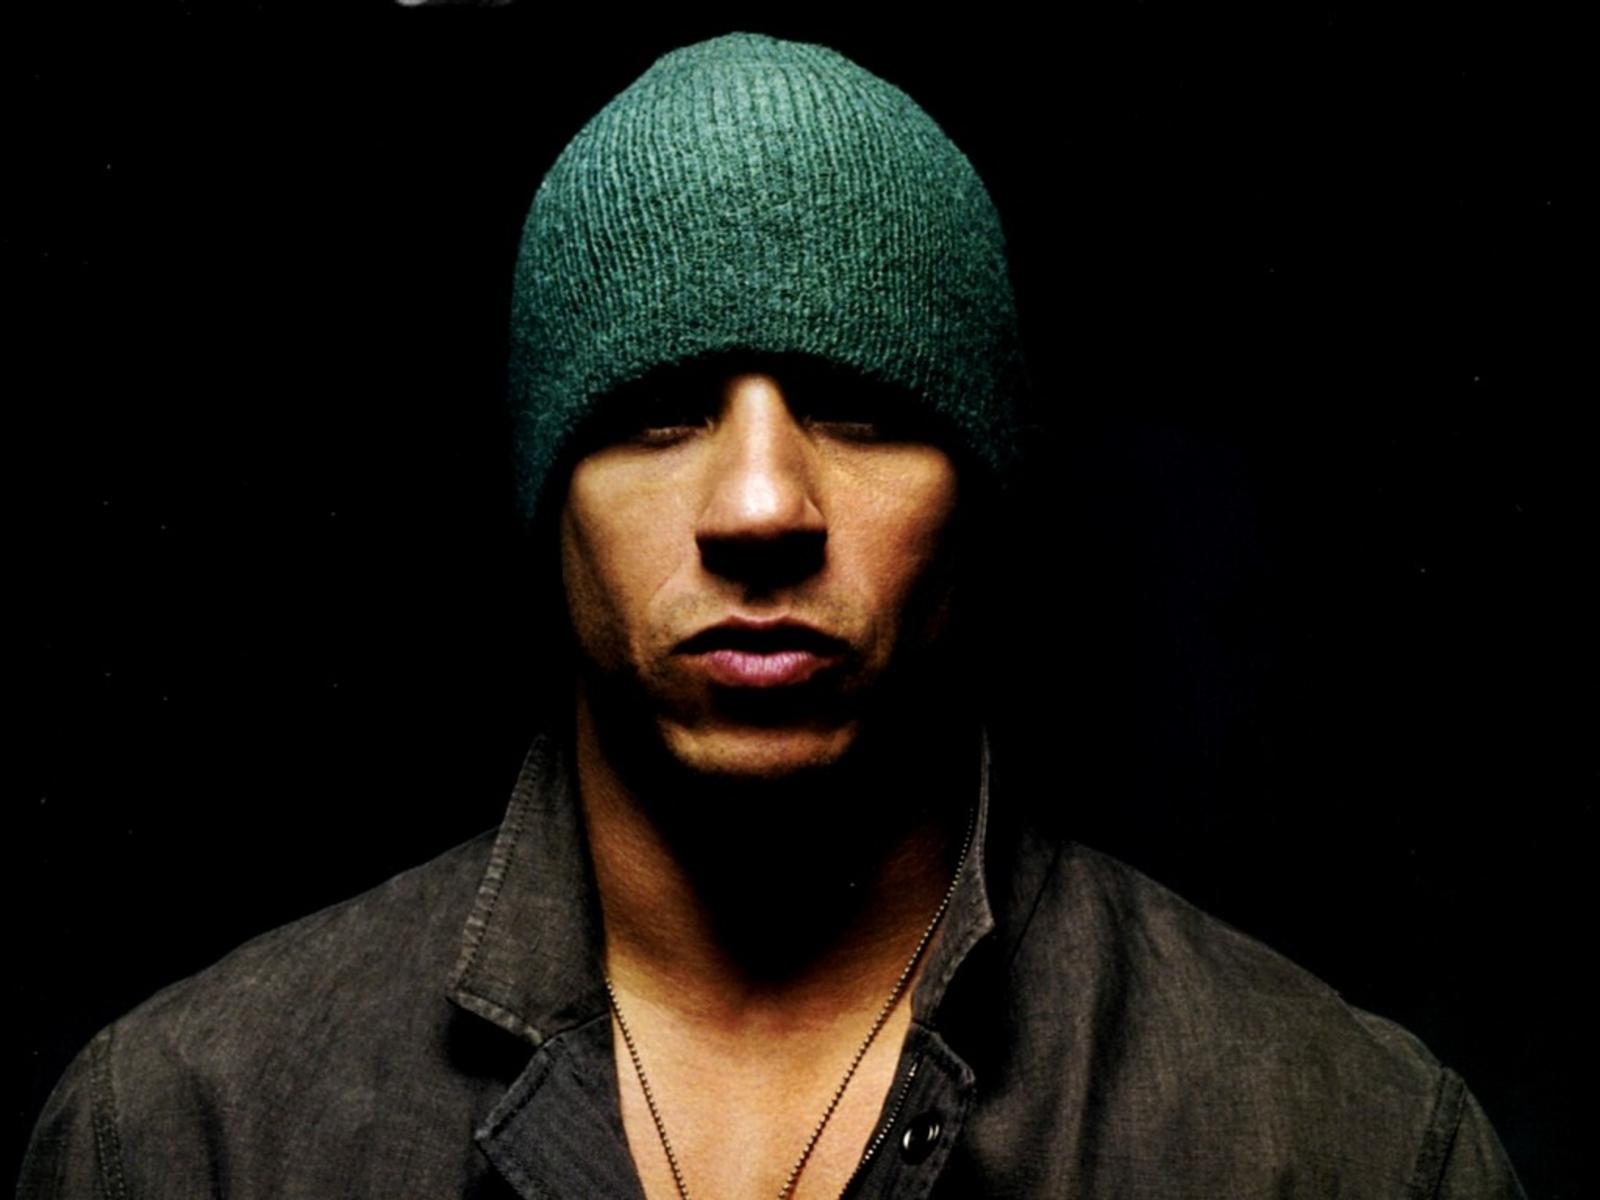 Vin Diesel Picture Gallery